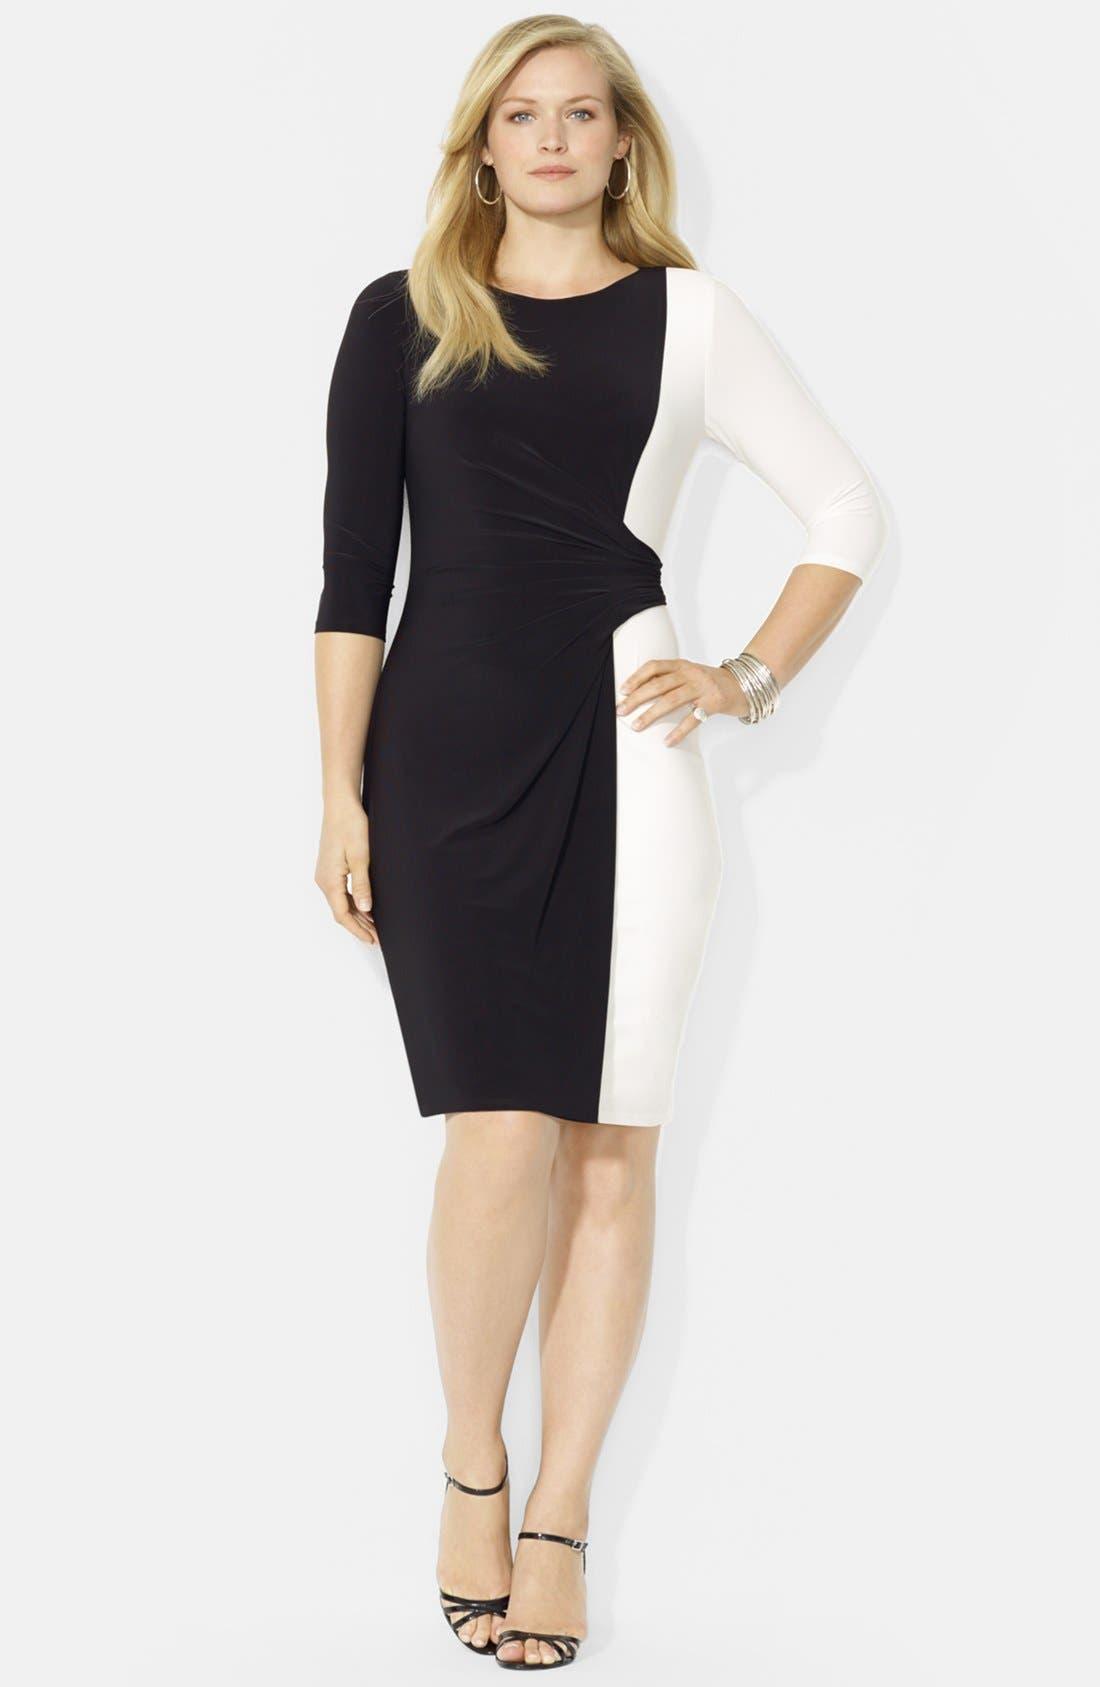 Alternate Image 1 Selected - Lauren Ralph Lauren Colorblock Matte Jersey Dress (Plus Size)